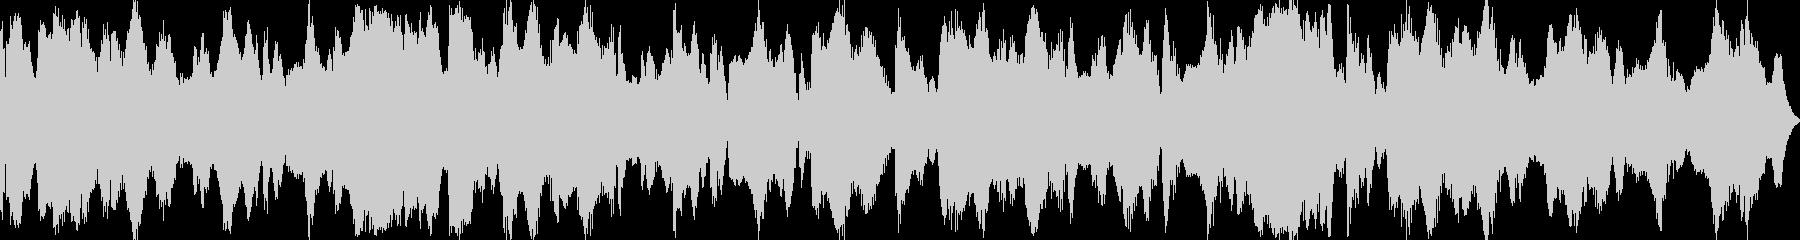 祭り囃子をイメージしたBGM02の未再生の波形